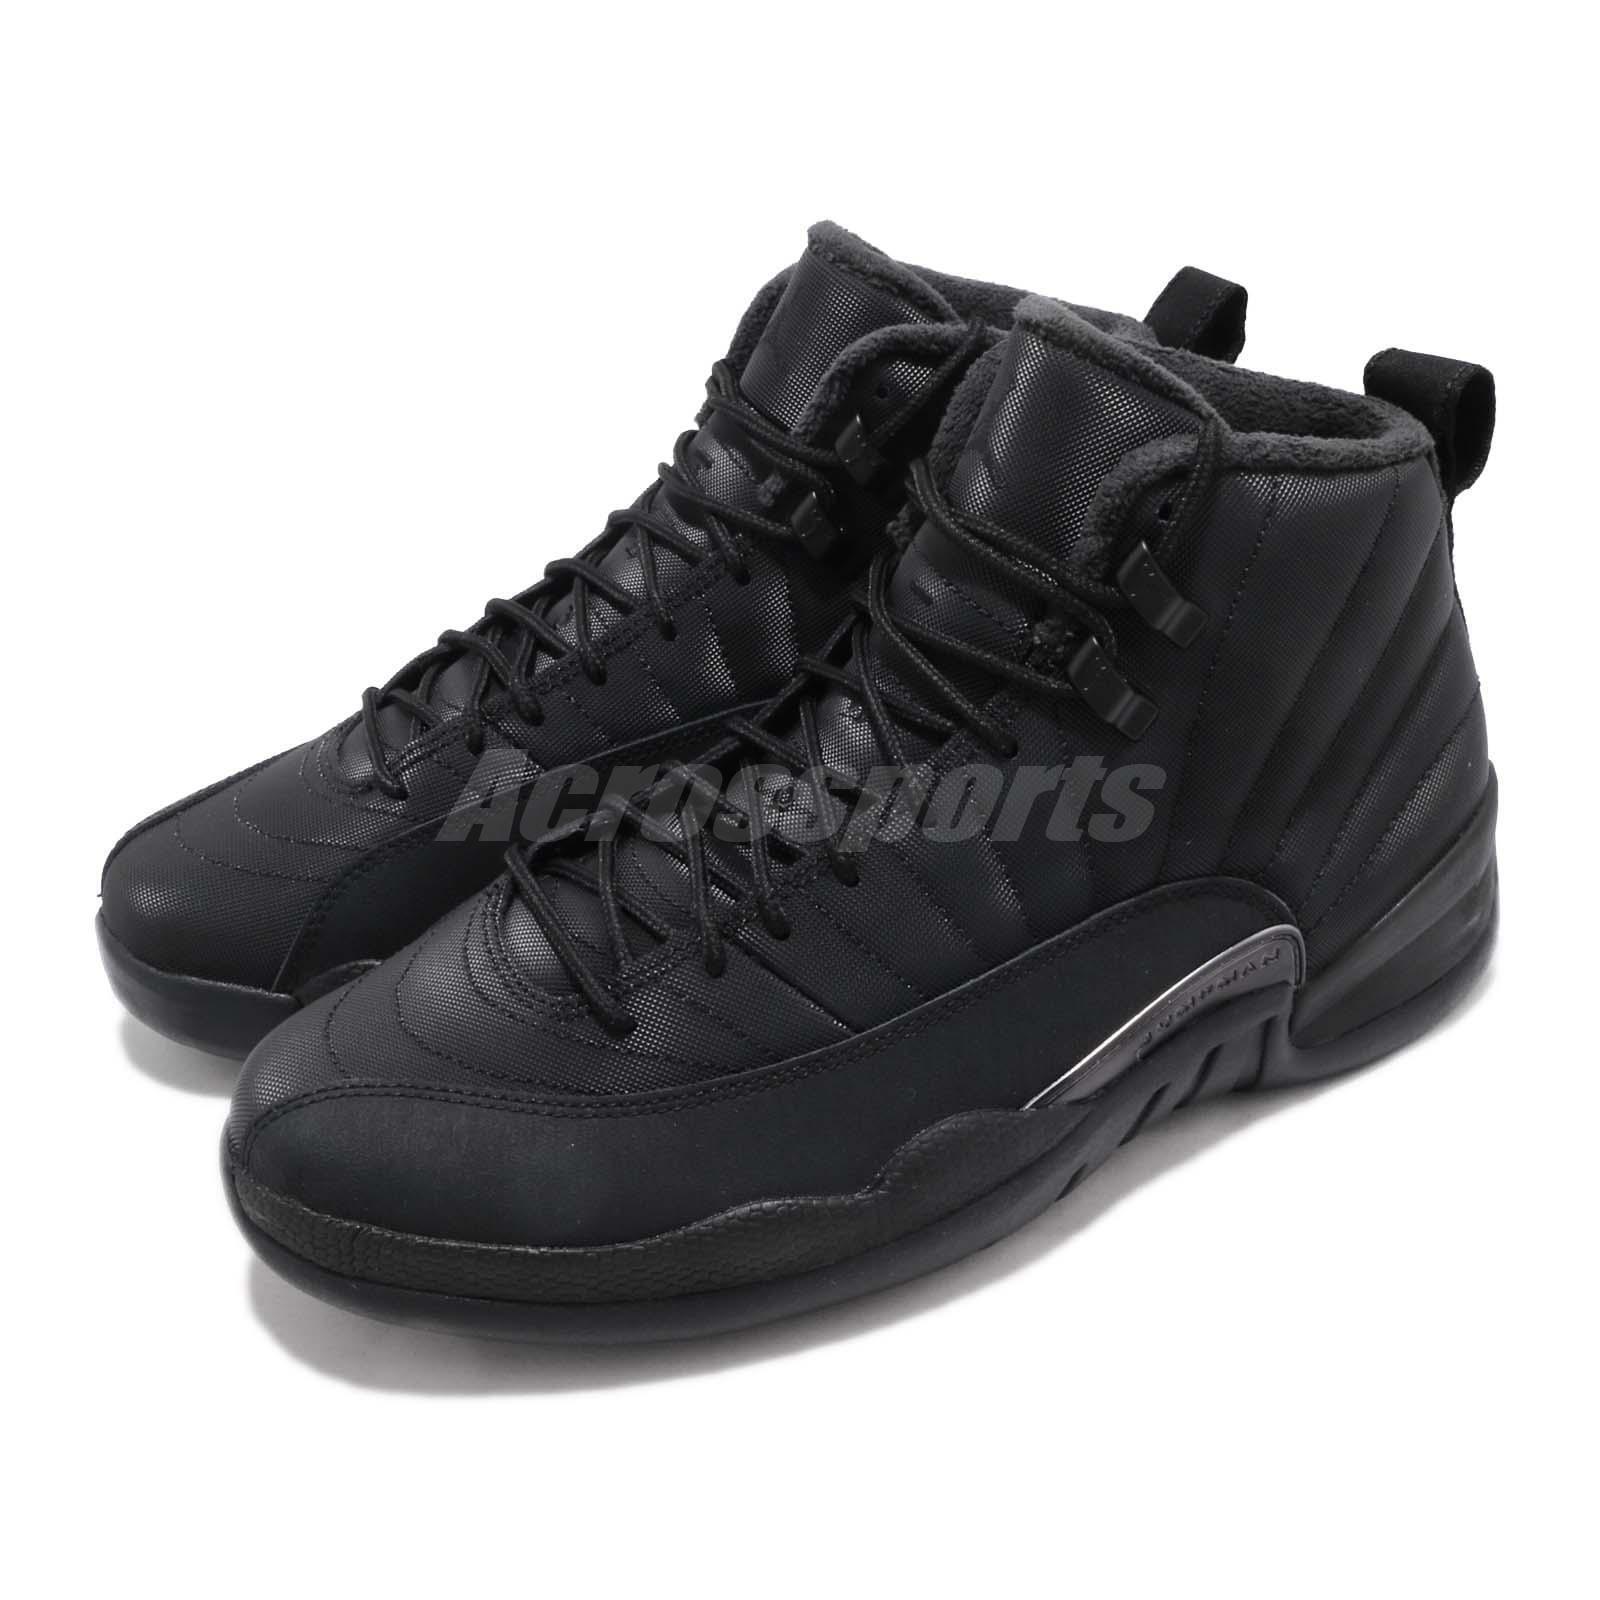 cheaper 33b6d 5700e Nike Air Jordan 12 Retro WNTR Winterized AJ12 AJ12 AJ12 XII Black Shoes  BQ6851-001 dda15c